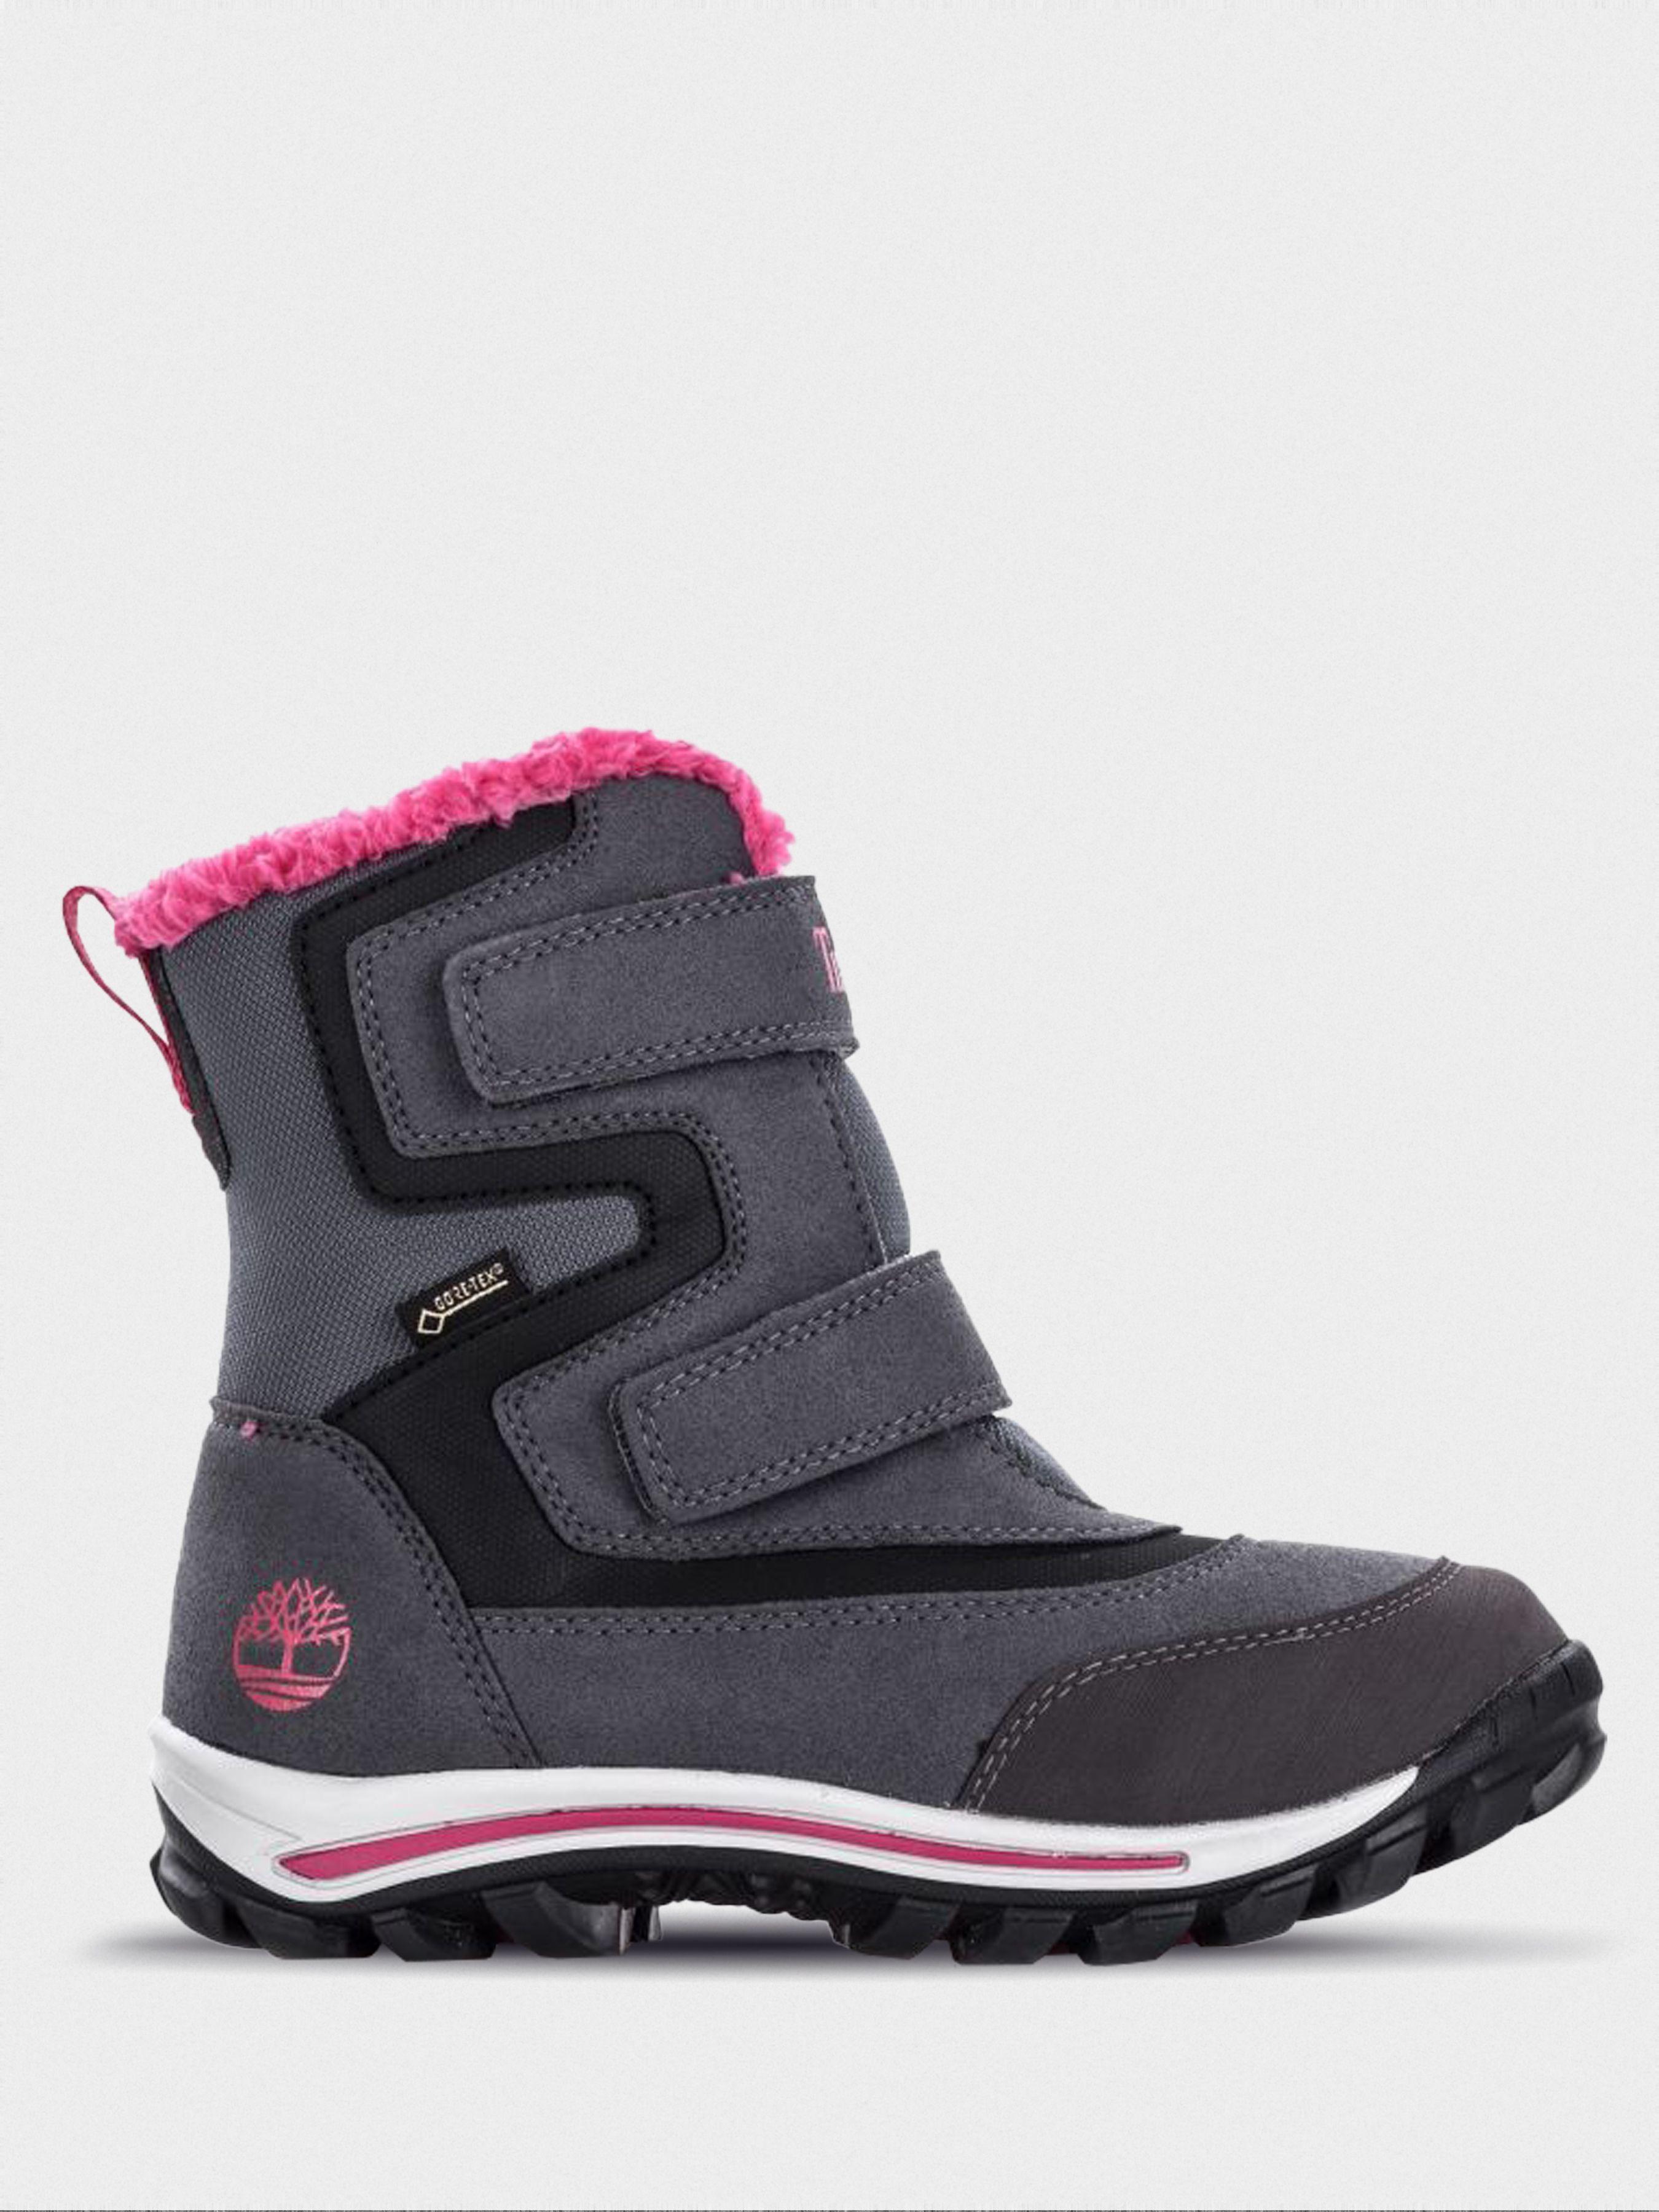 Ботинки для детей Timberland Chillberg TL1695 Заказать, 2017